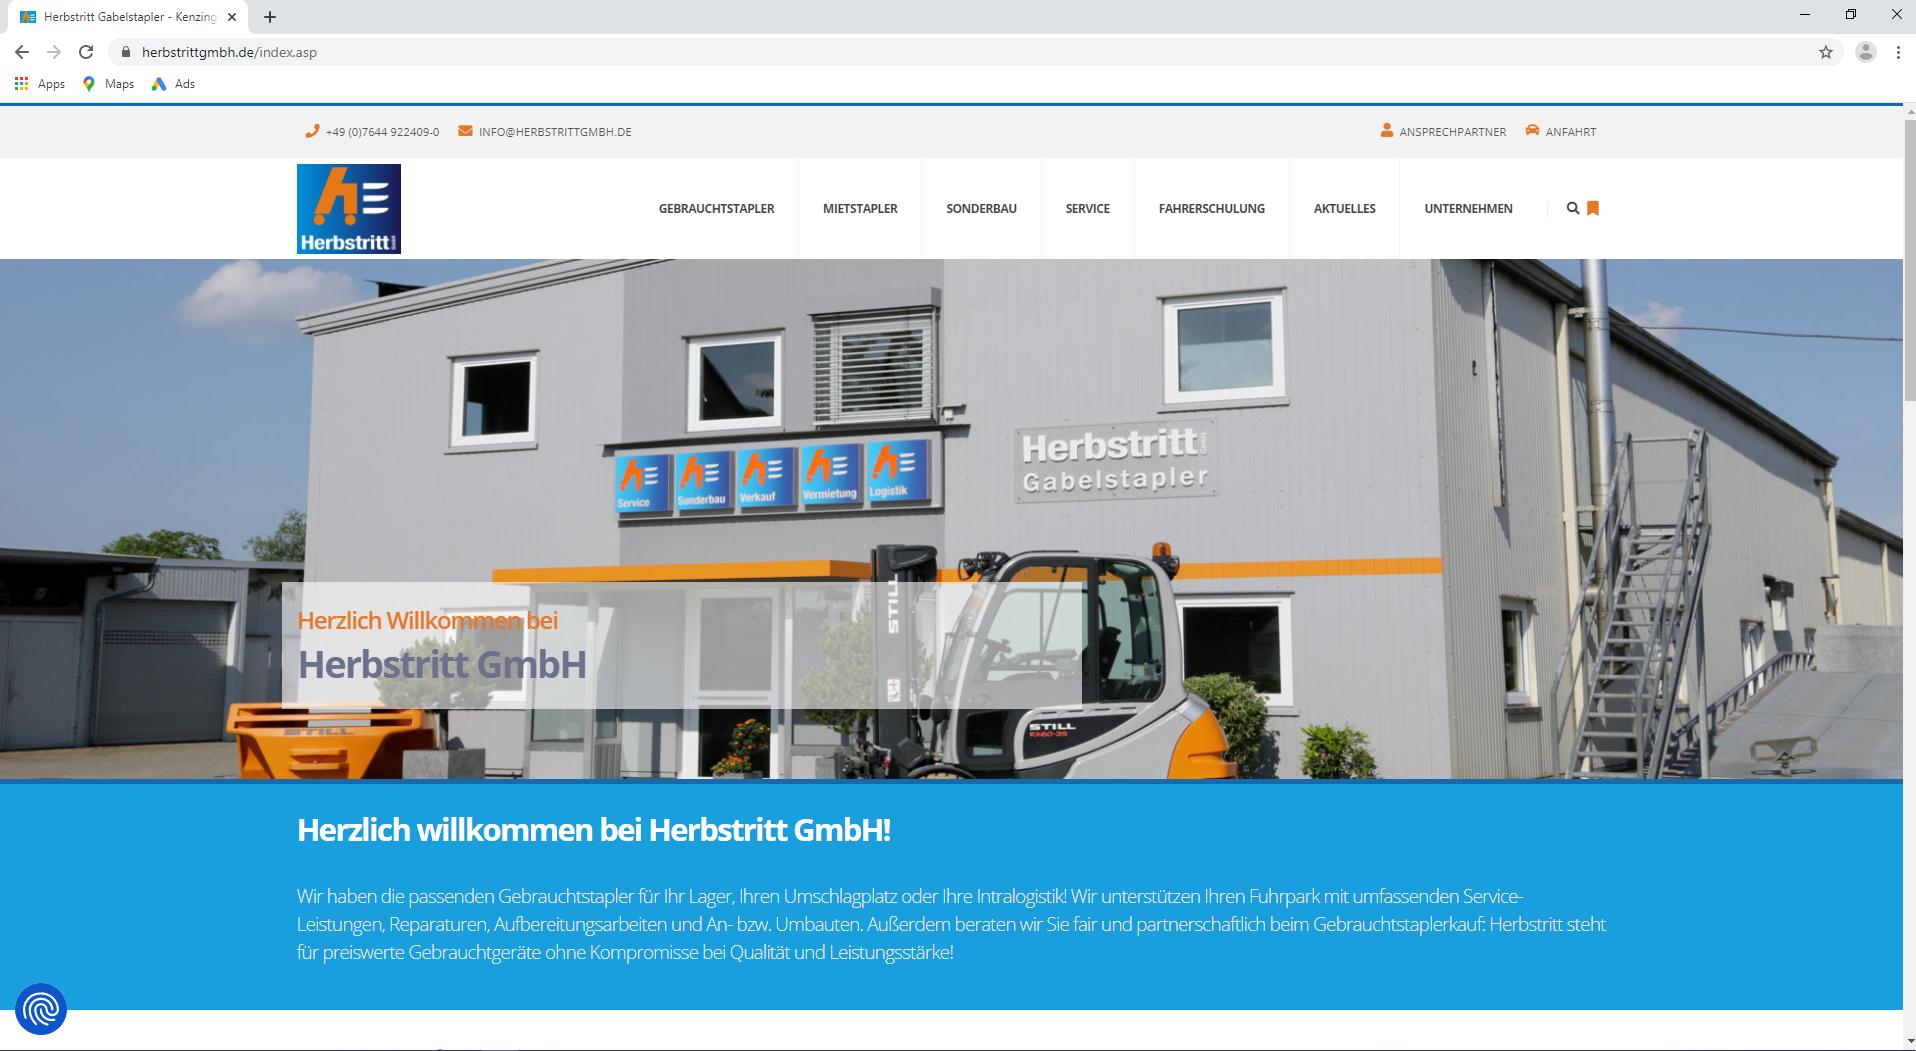 Herbstritt GmbH